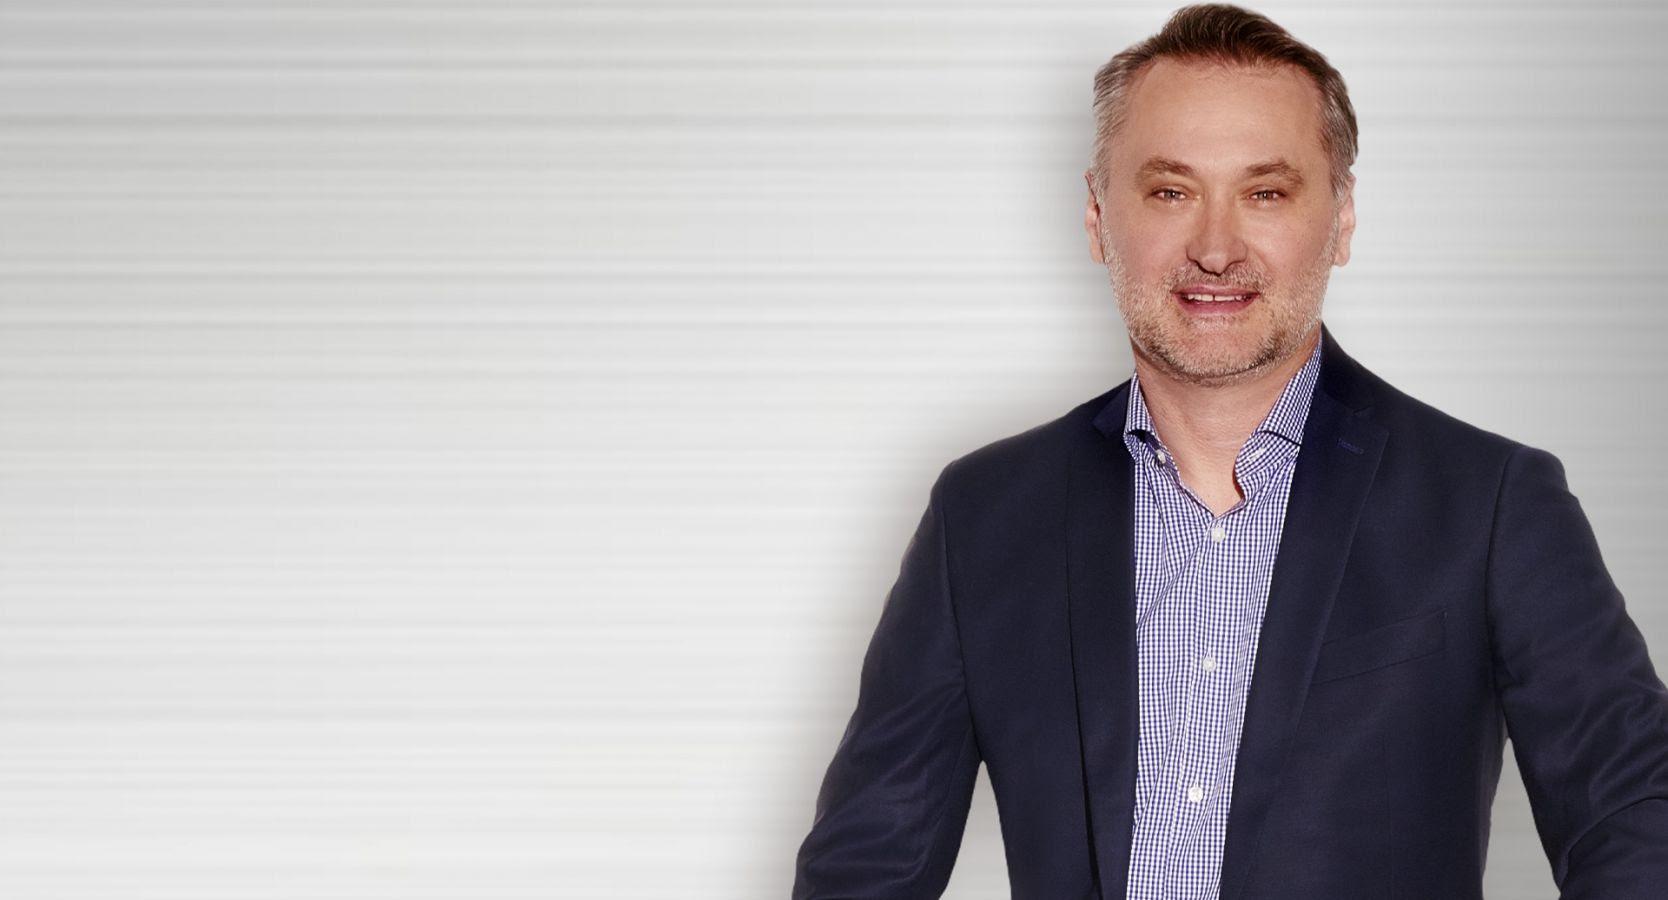 H Stellantis ανακοίνωσε τον νέο Επικεφαλής Τεχνολογίας του Ομίλου